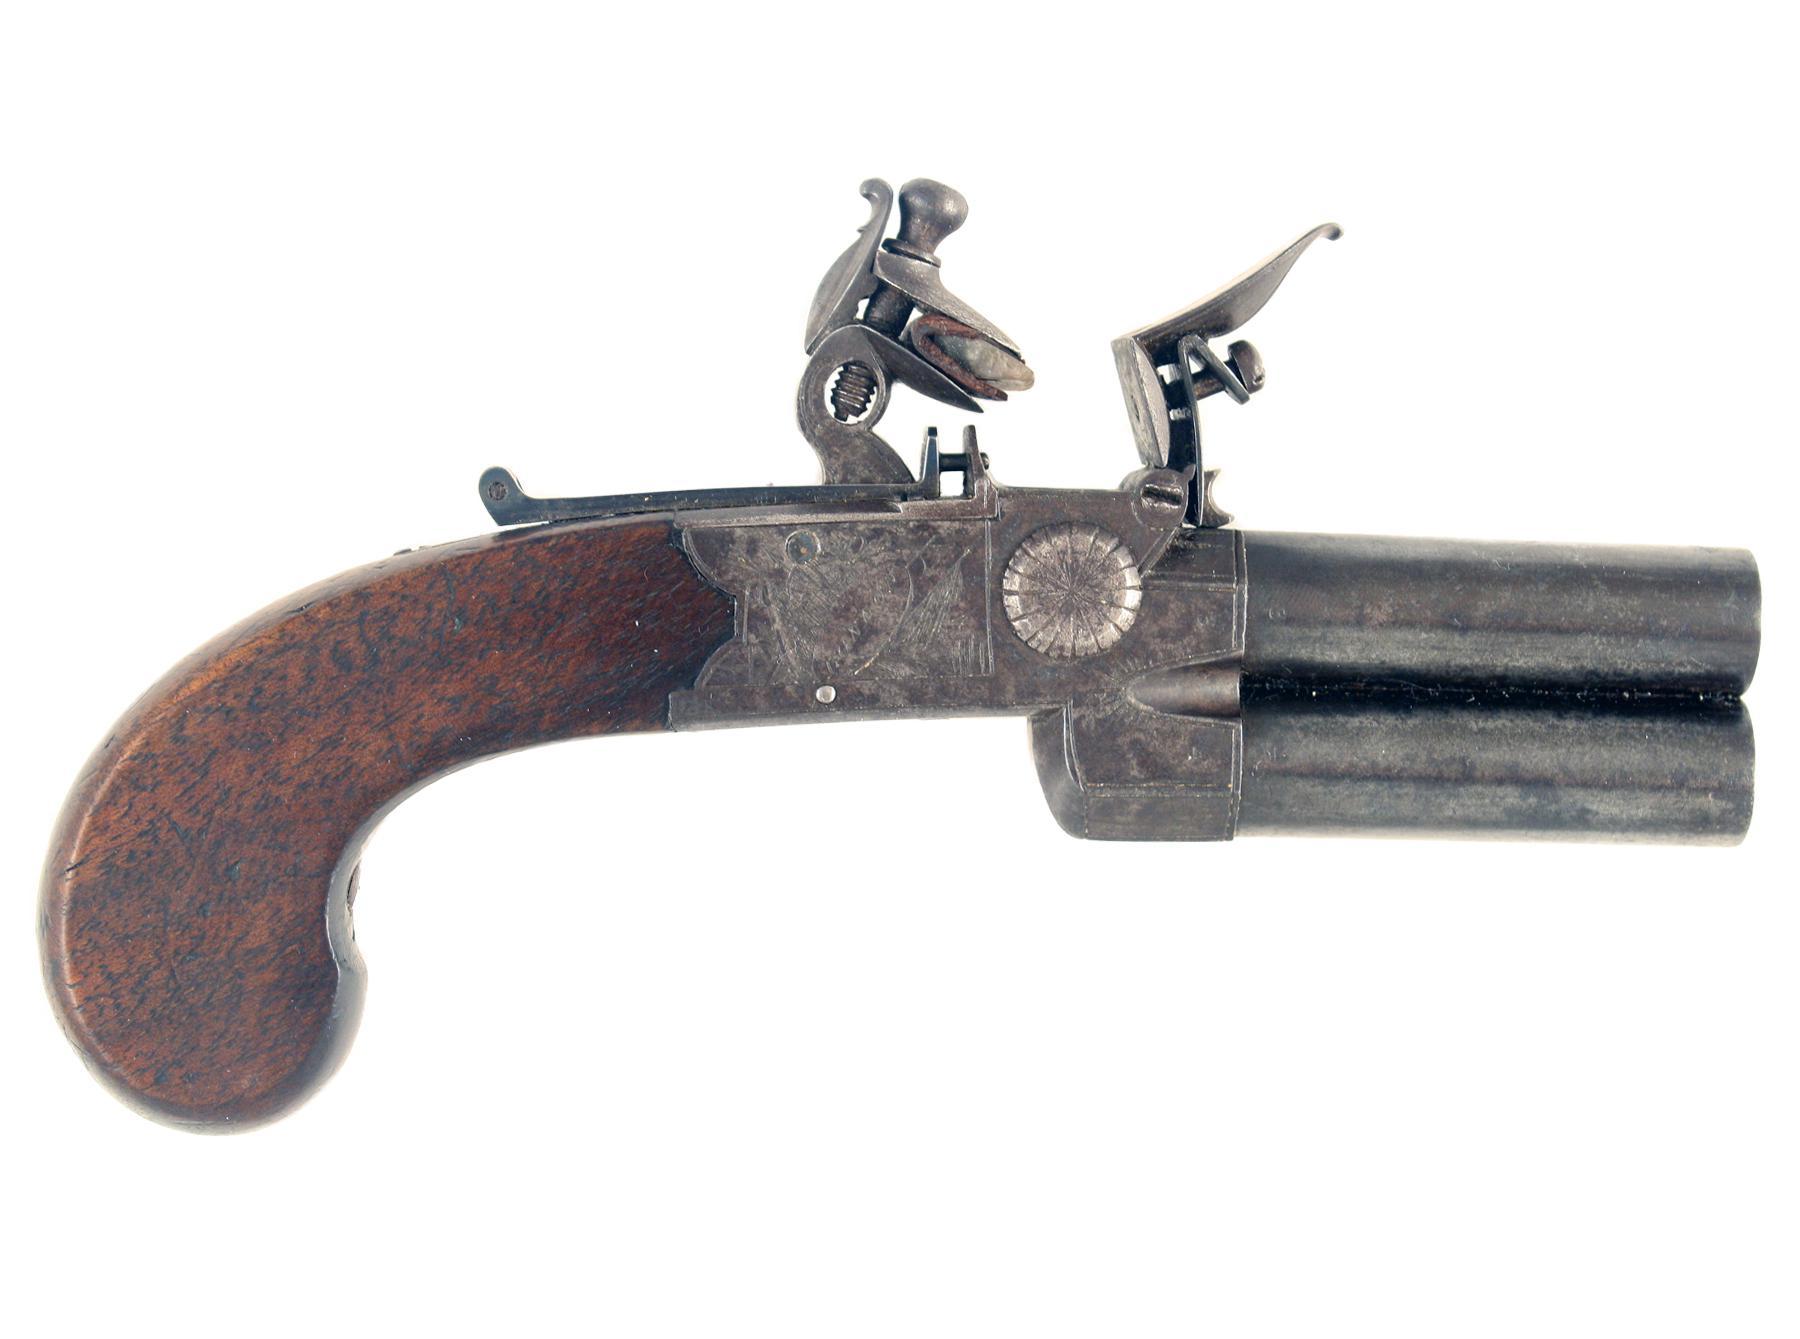 A Sleepy Tap-Action Pistol